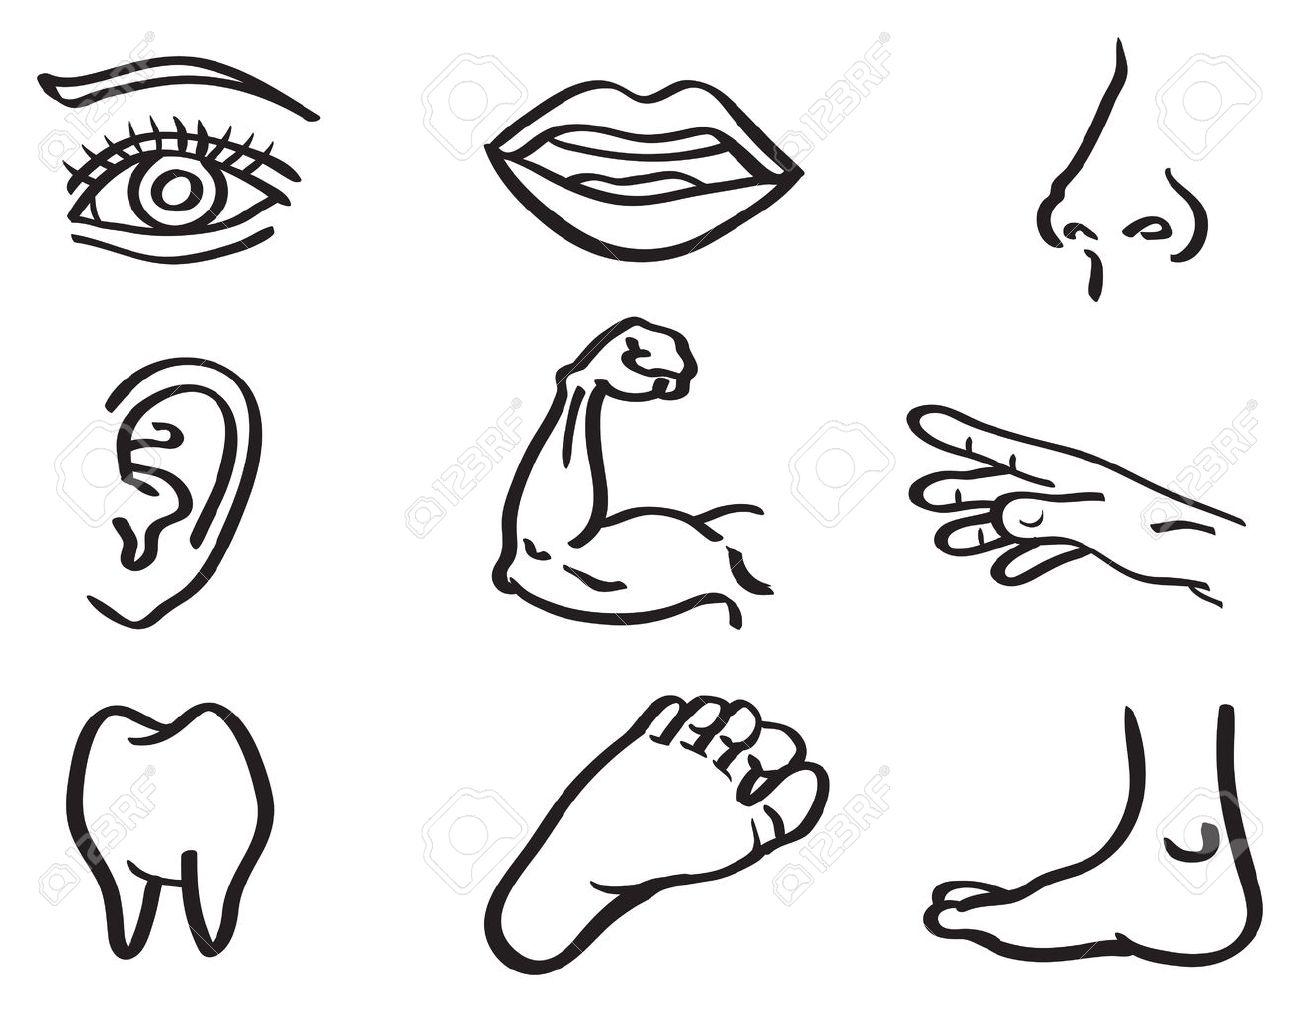 body parts drawing at getdrawings